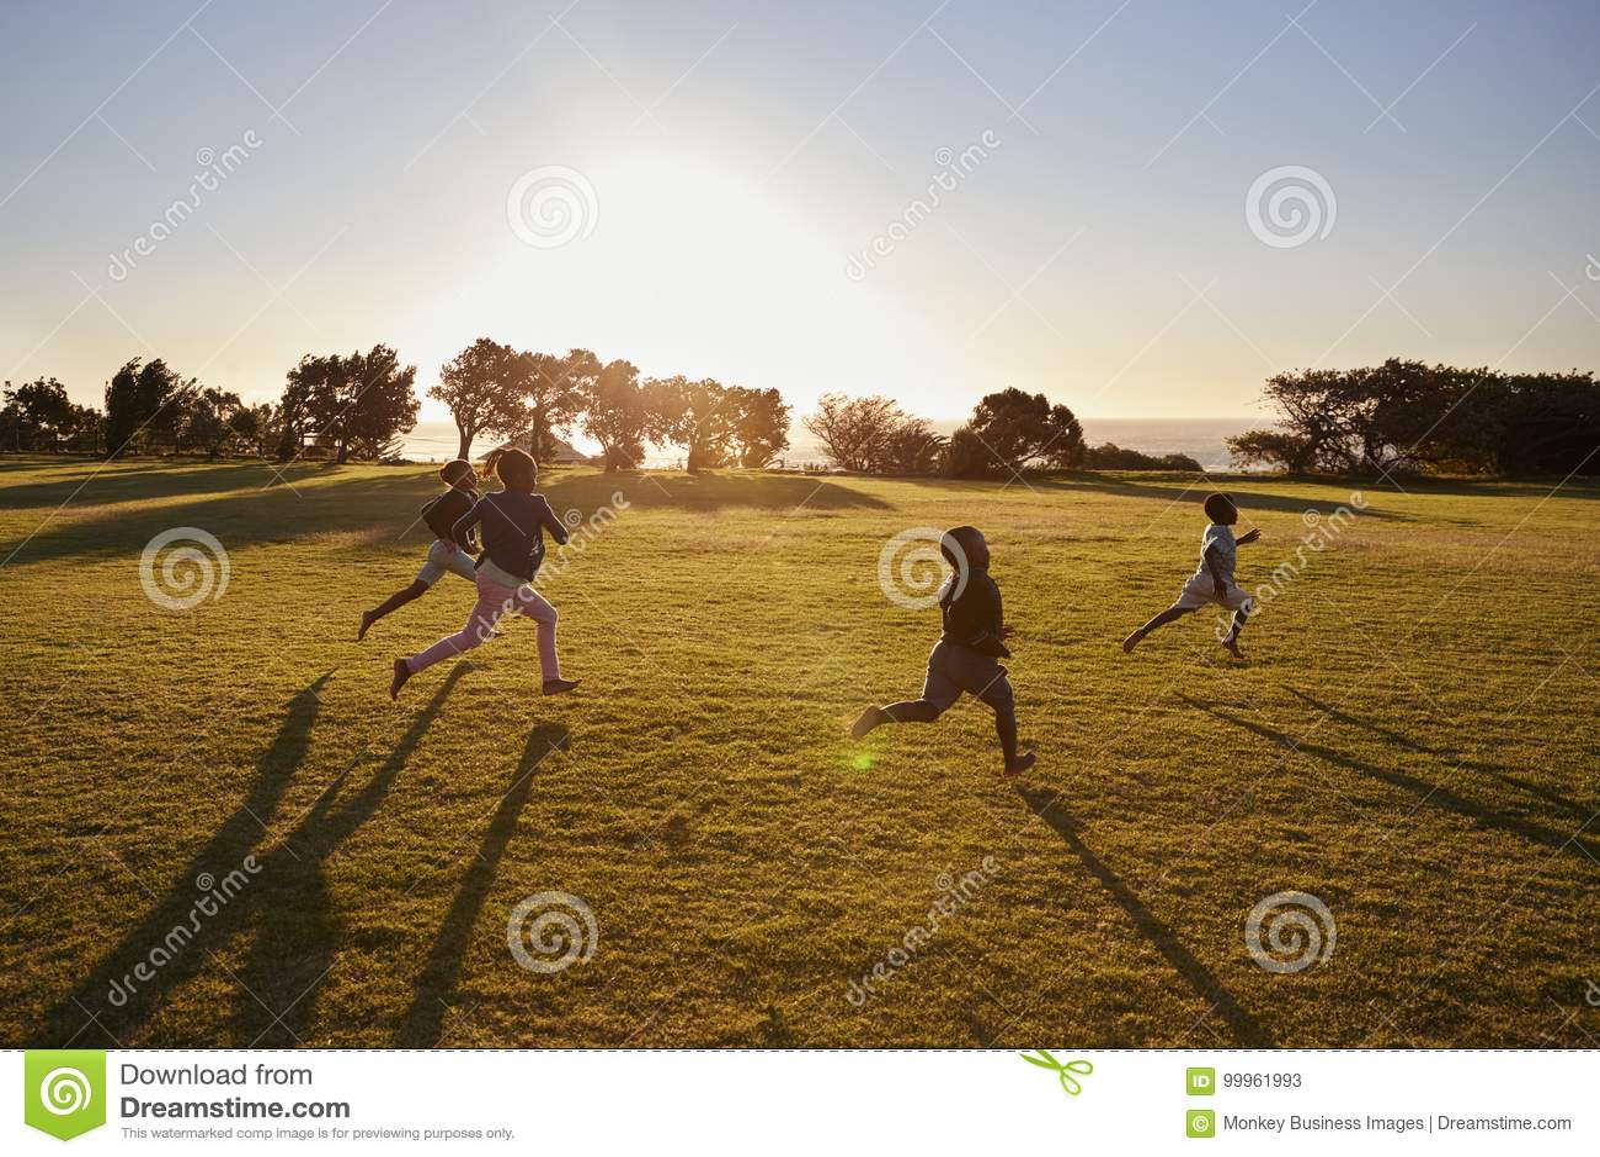 Fyra grundskolabarn som kör i ett öppet fält